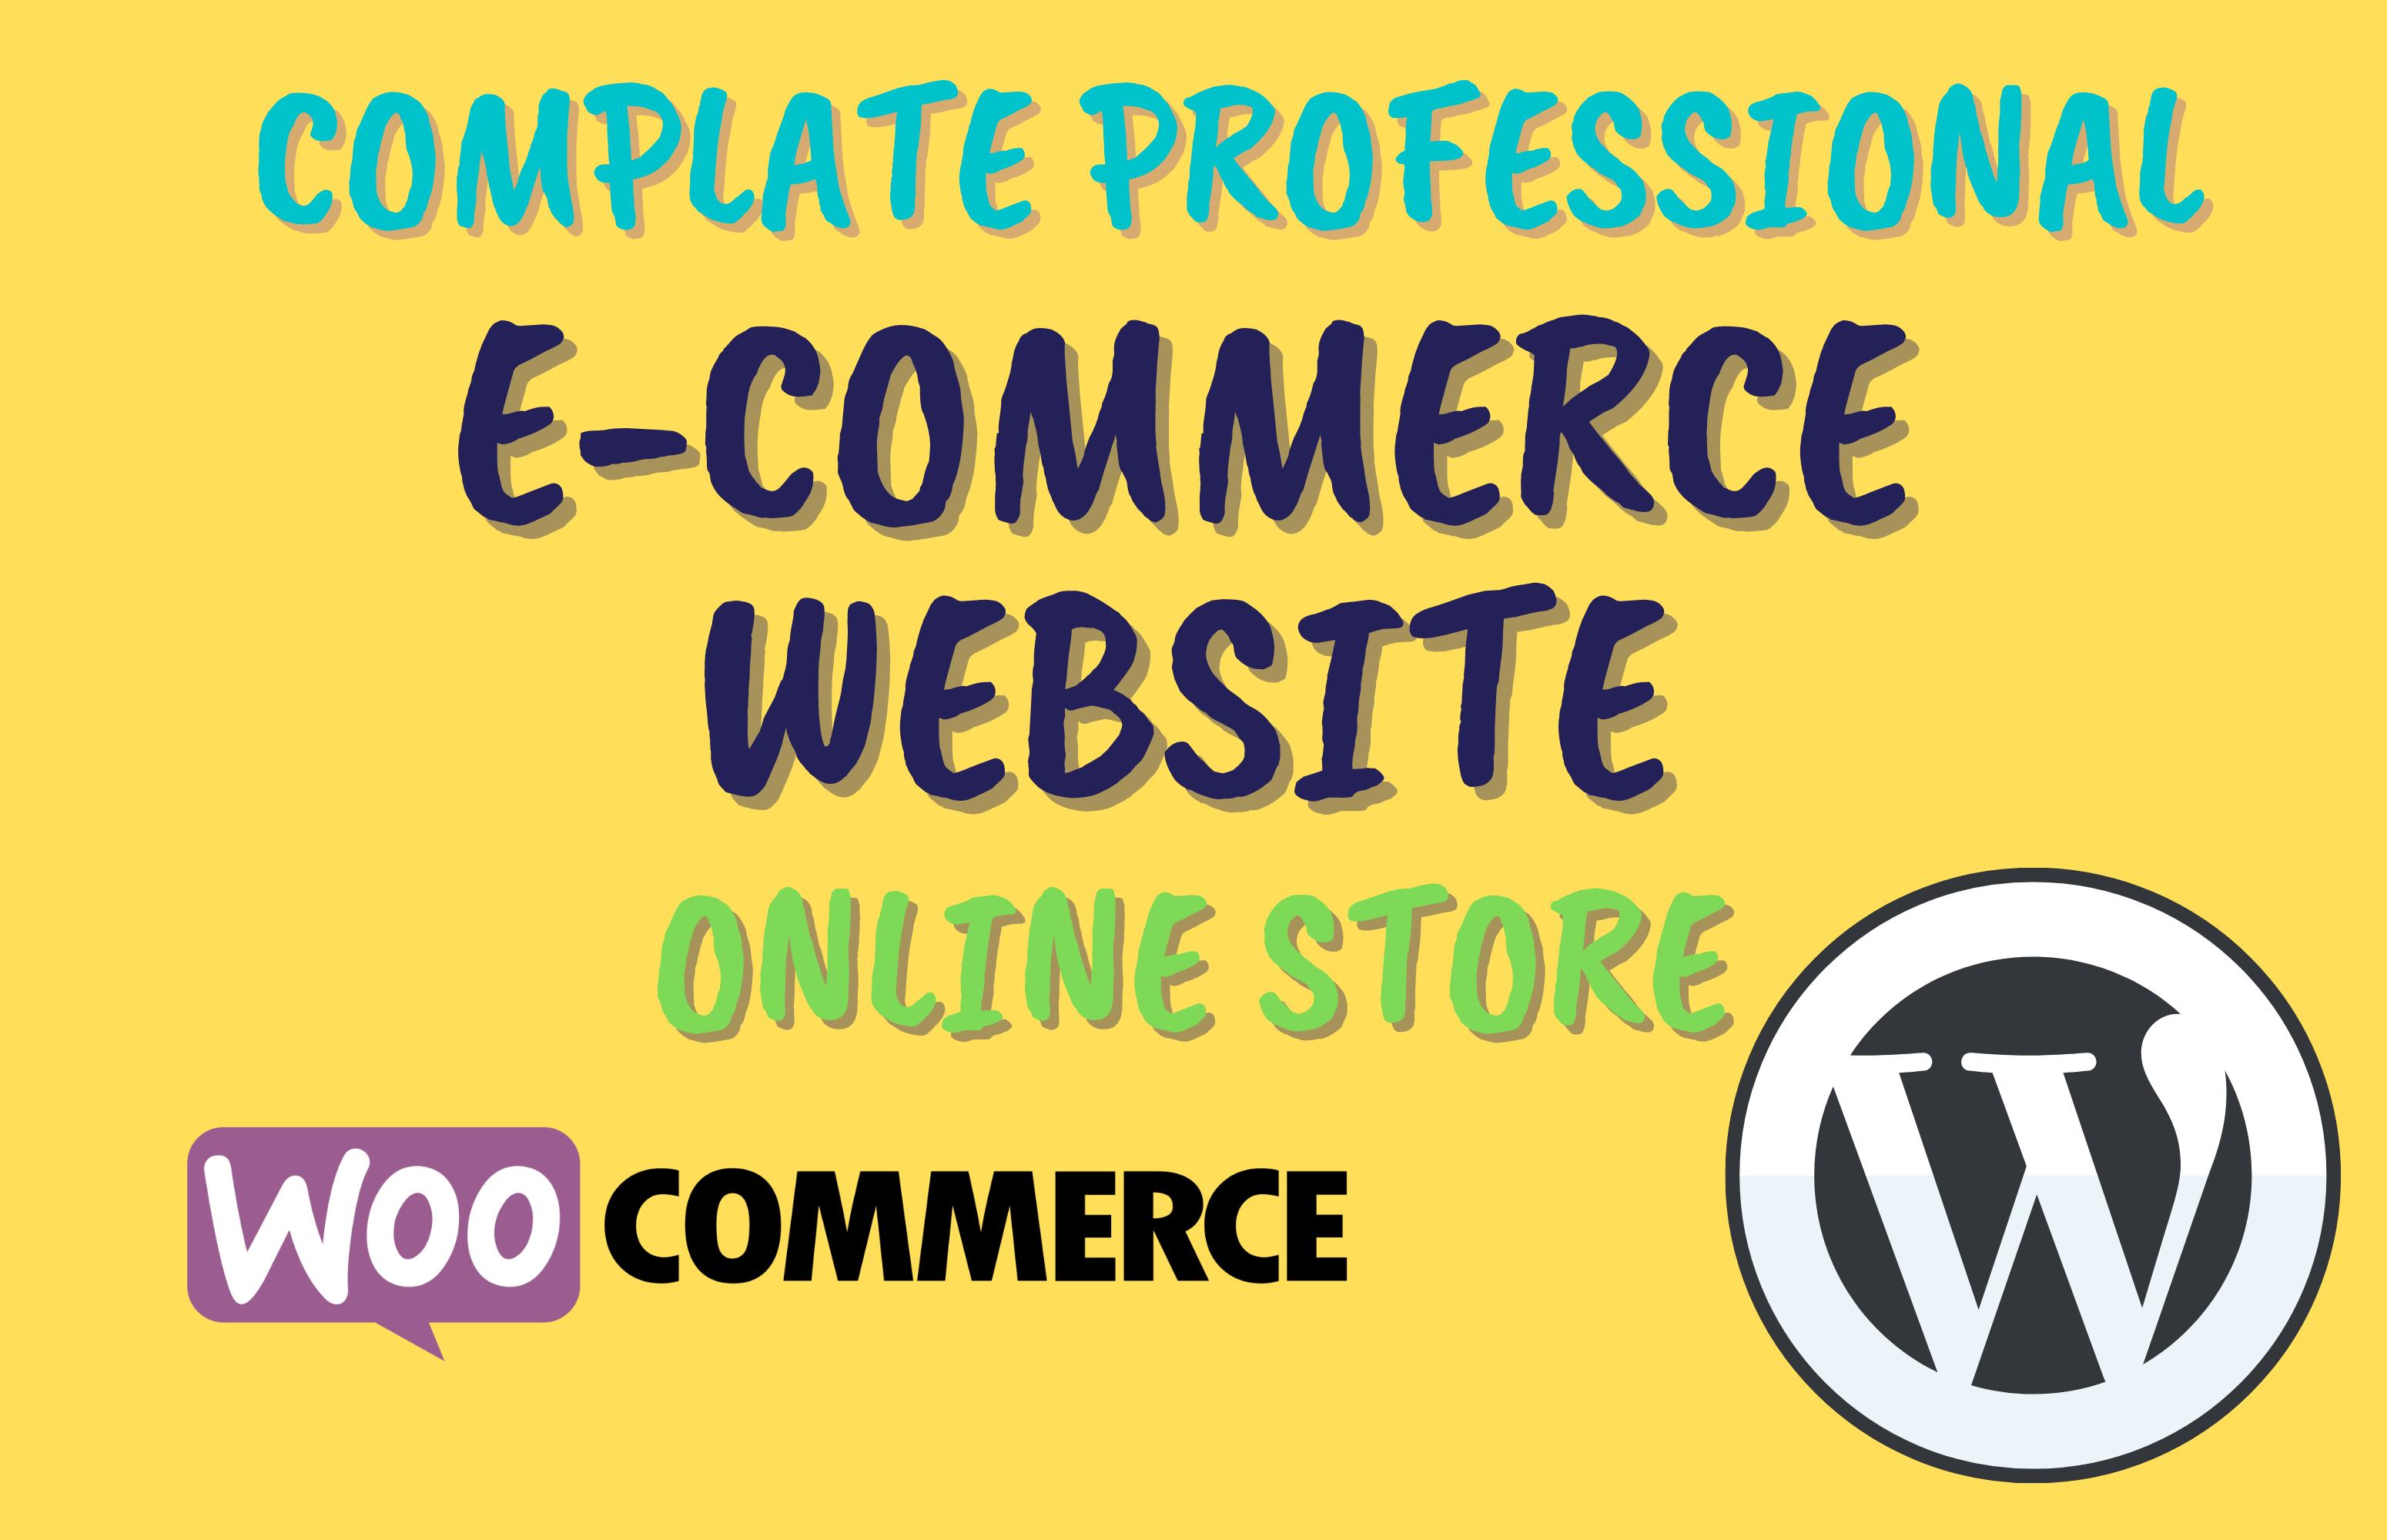 I will make WordPress ecommerce website for online store